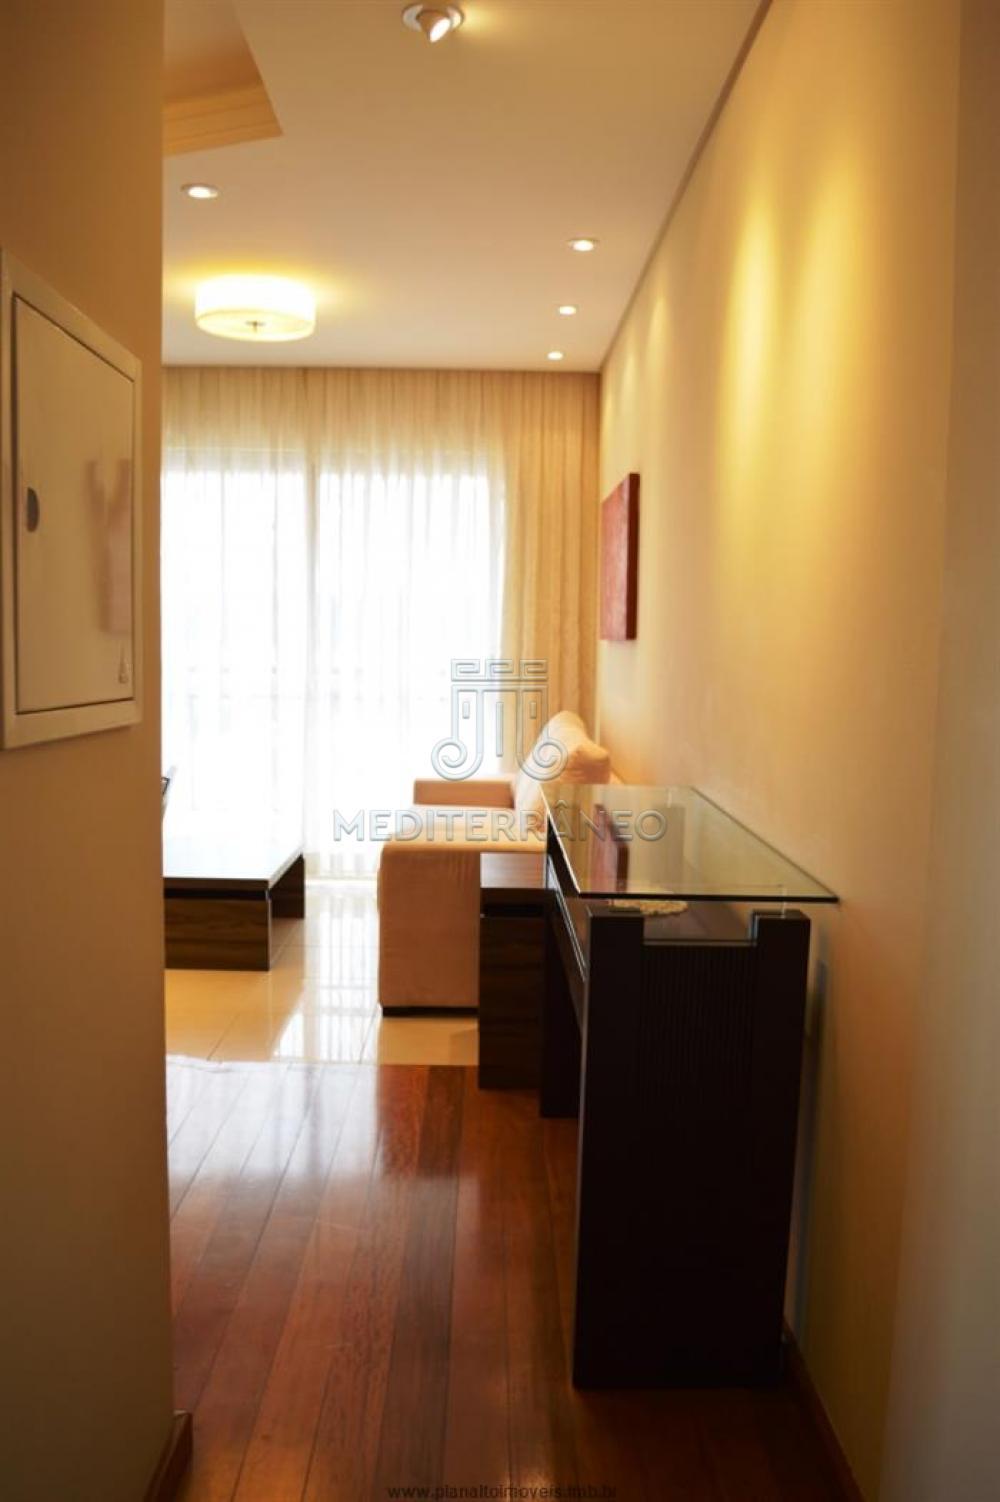 Comprar Apartamento / Padrão em Jundiaí apenas R$ 430.000,00 - Foto 7